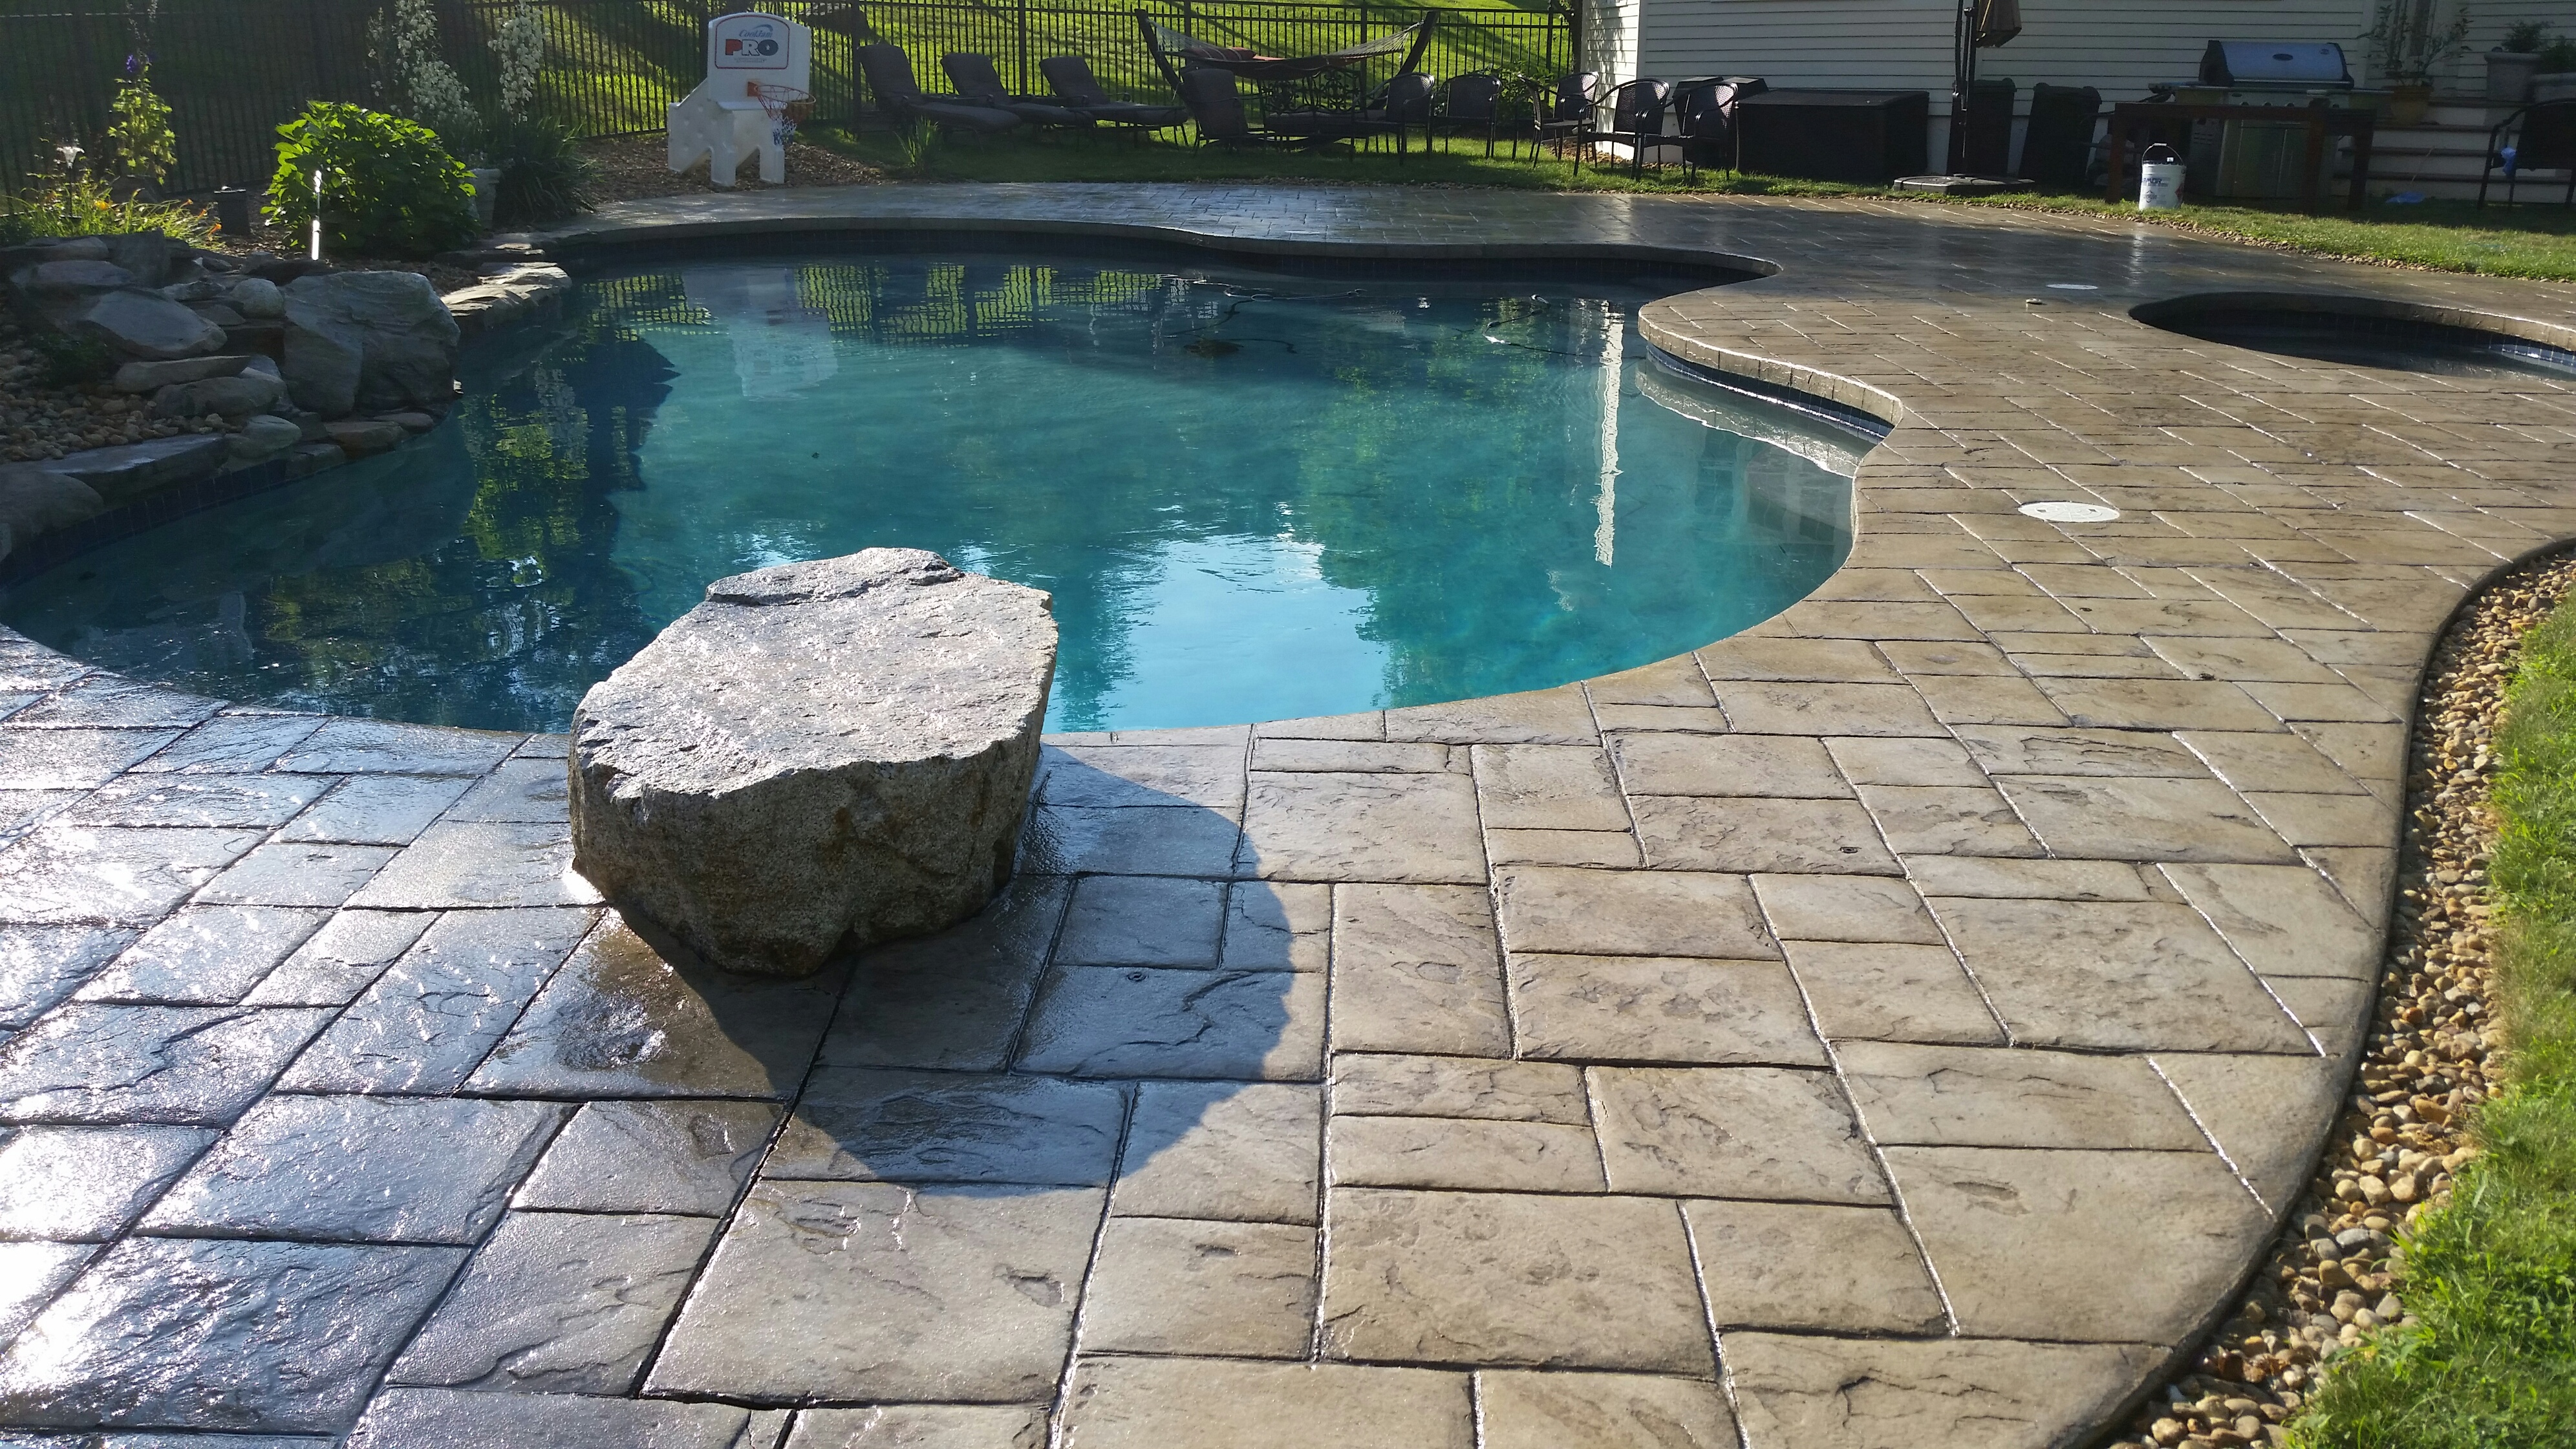 Pool Deck Sealers Pool Deck Sealer Reviews Best Pool